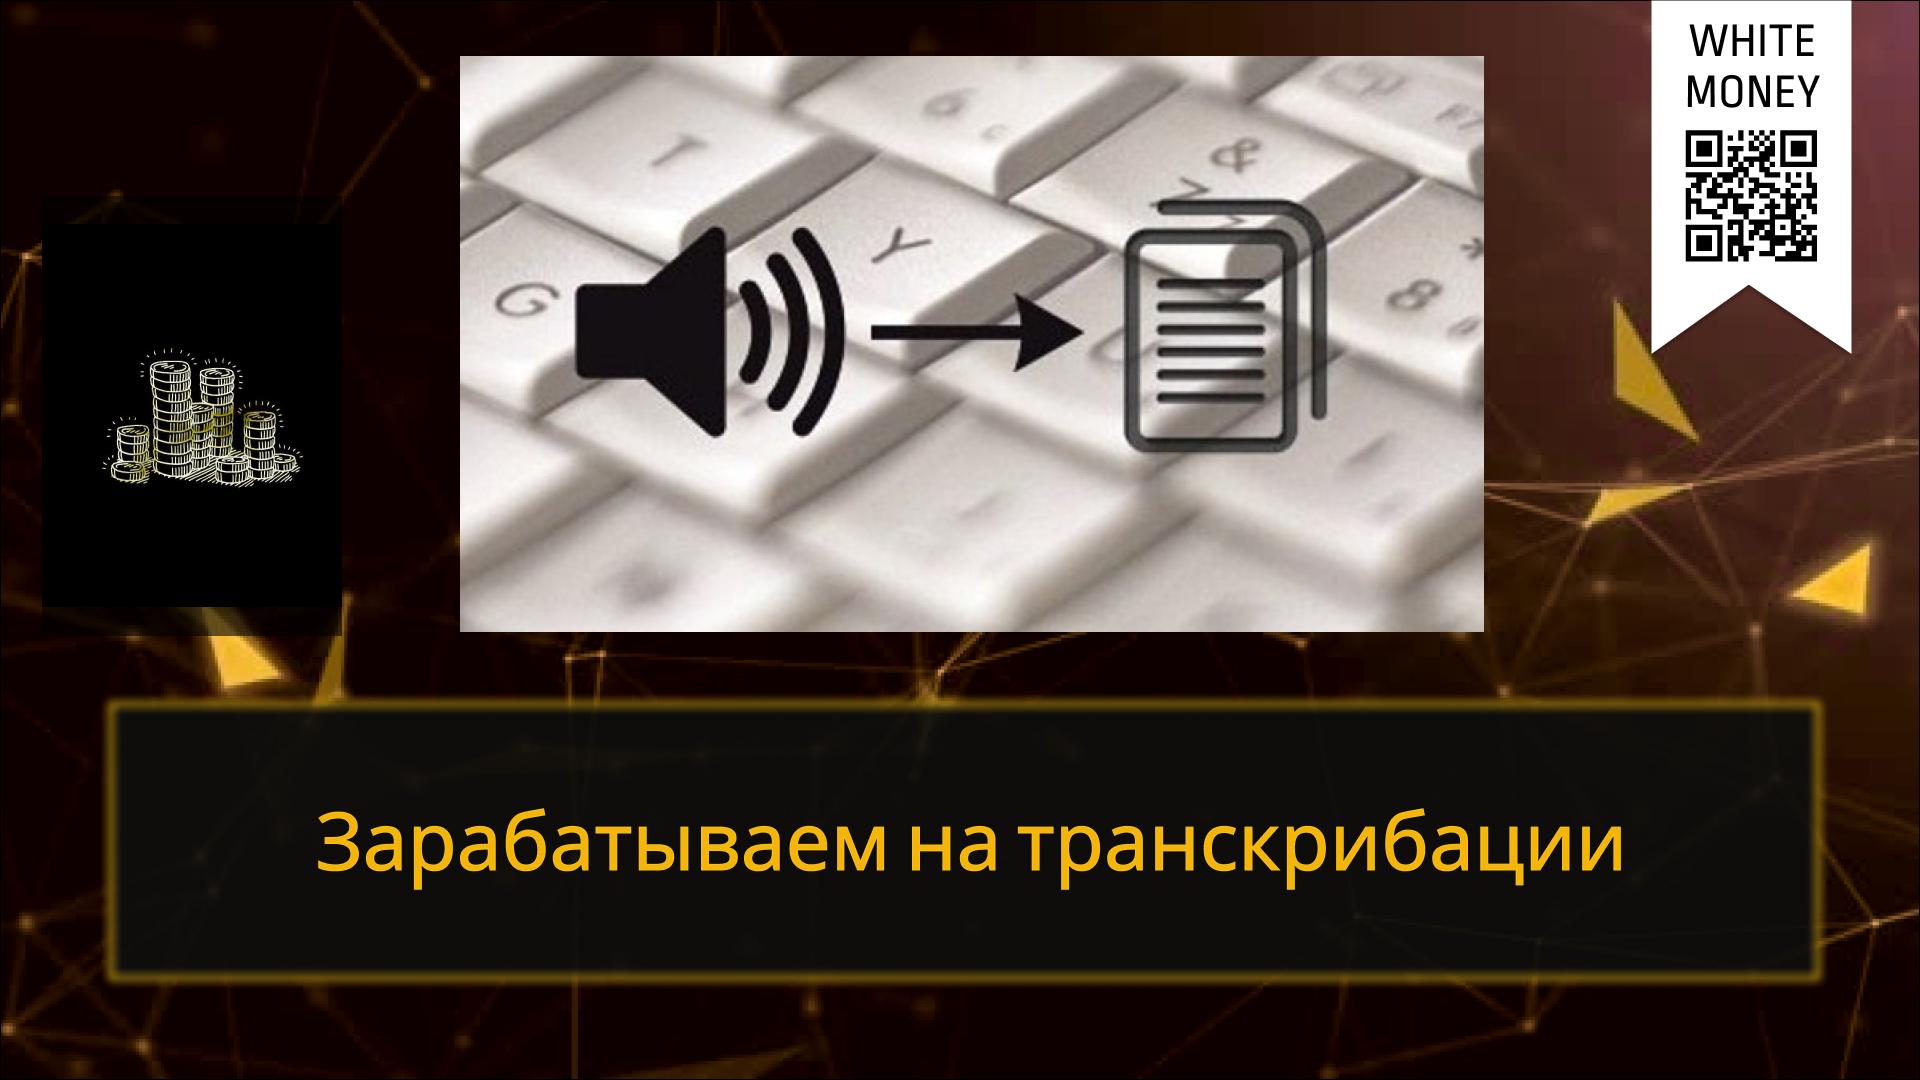 Зарабатываем на транскрибации 2000 рублей в день